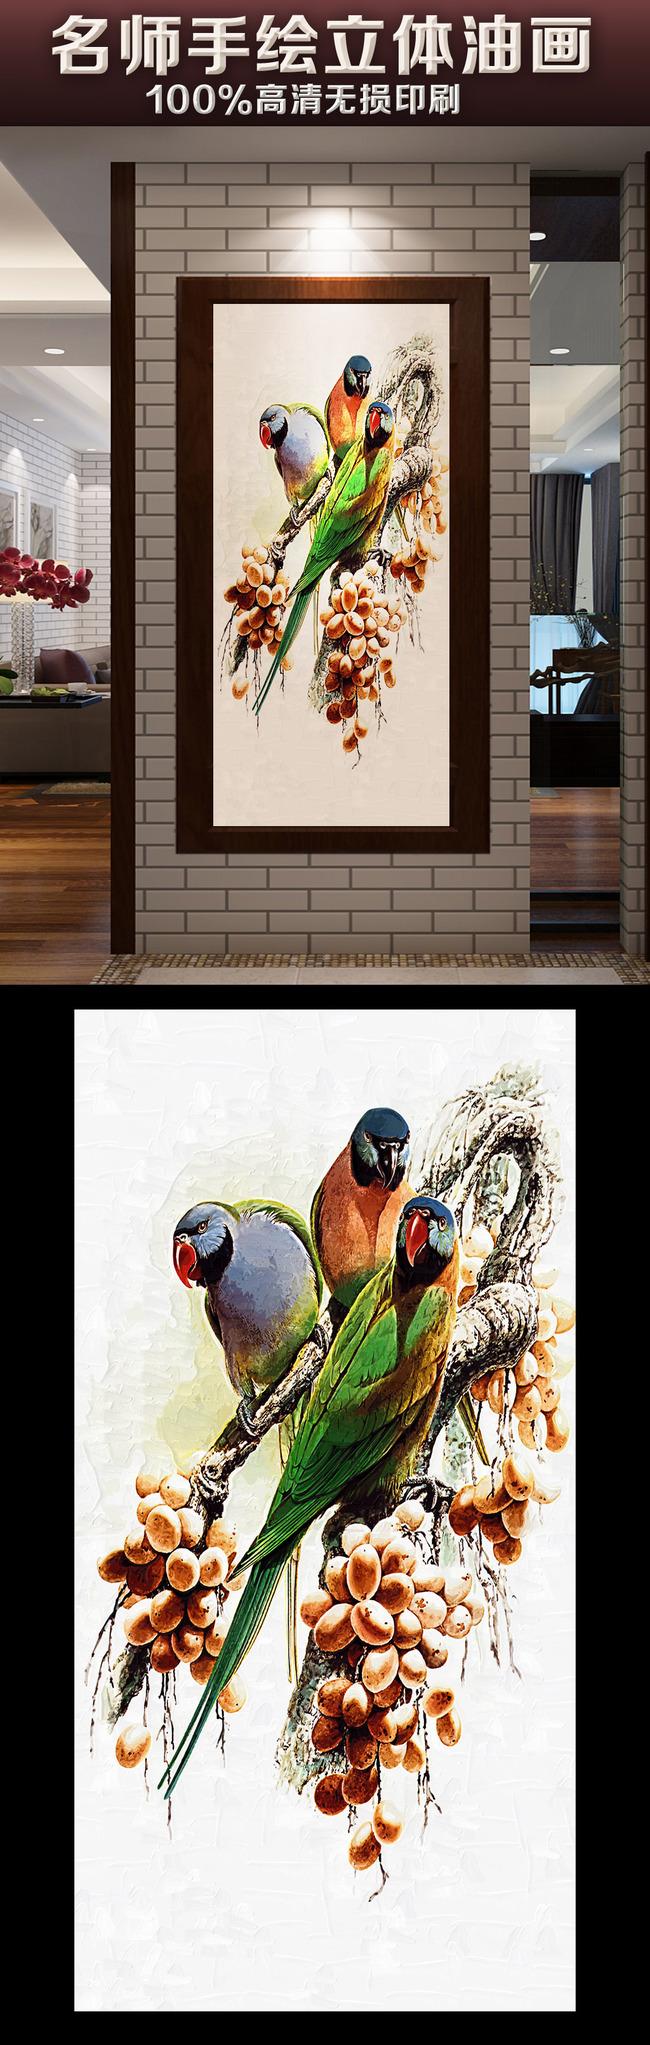 喜鹊报春手绘立体水彩油画玄关过道装饰画